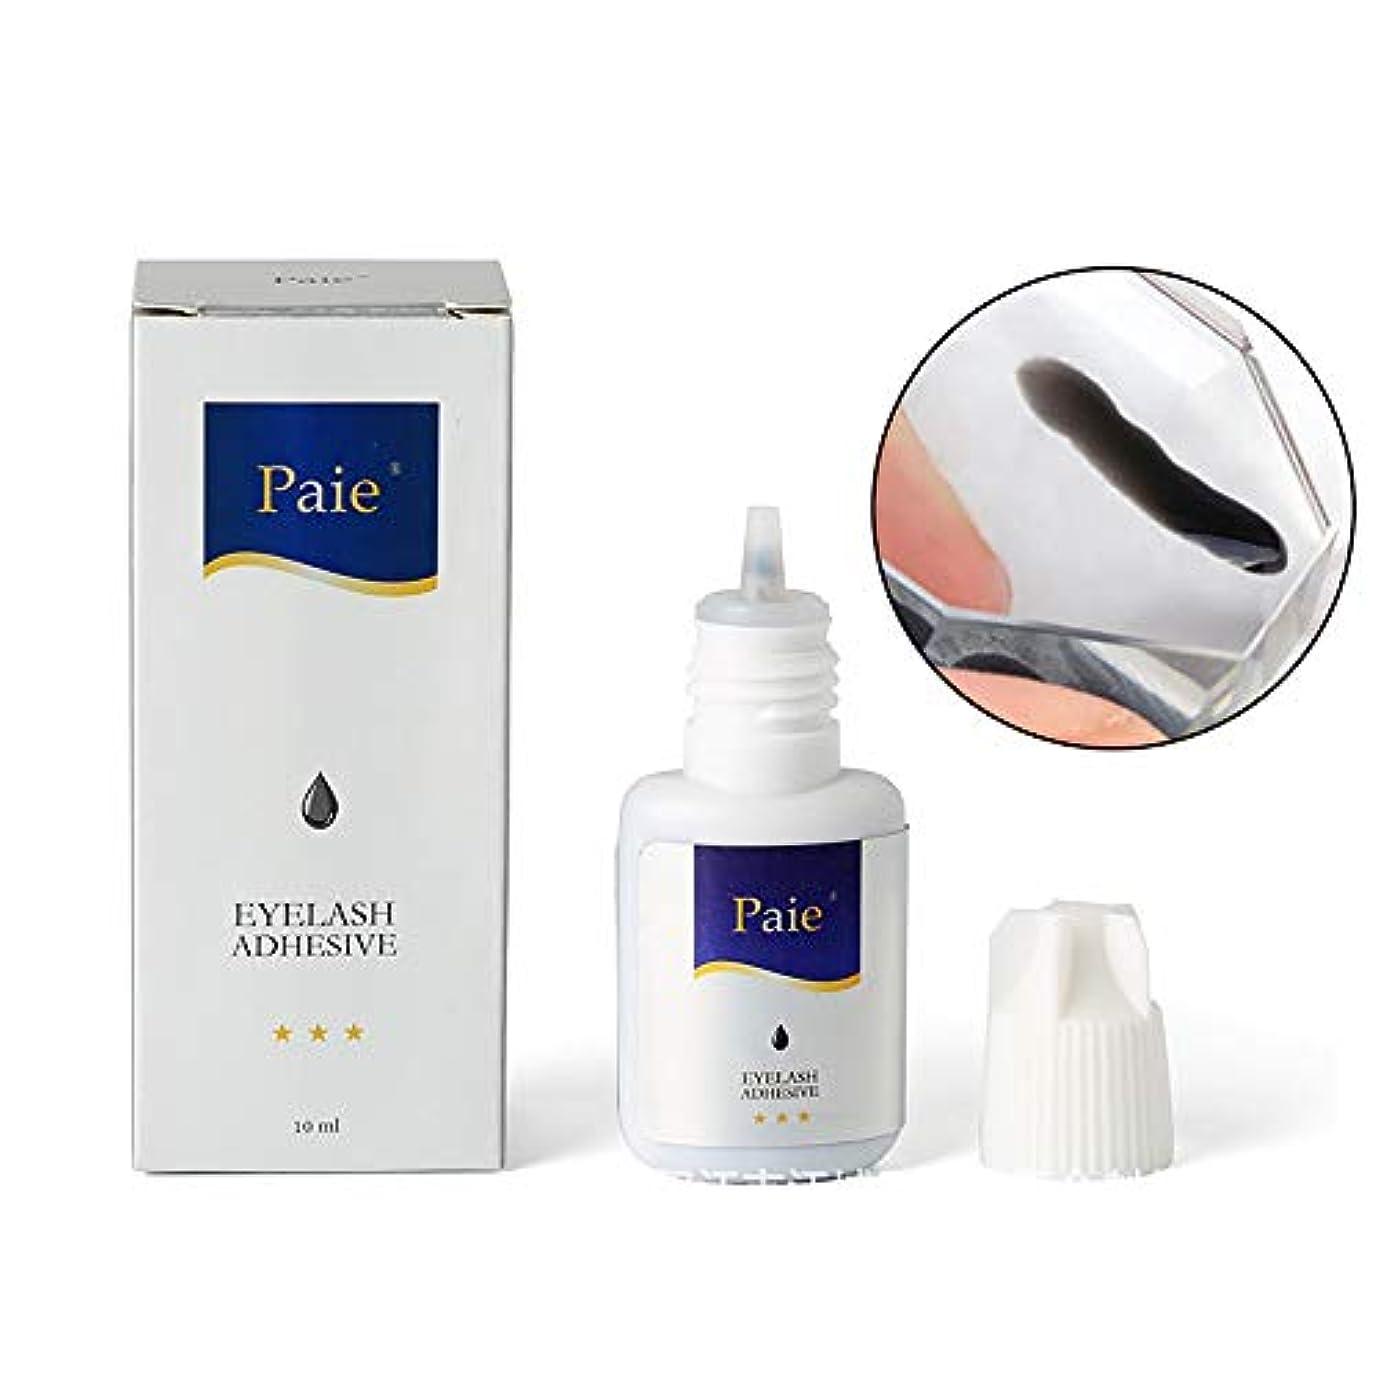 カルシウム酸度ナットペアー長続きがするつけまつげ接着剤速乾性二重まぶた接着剤化粧